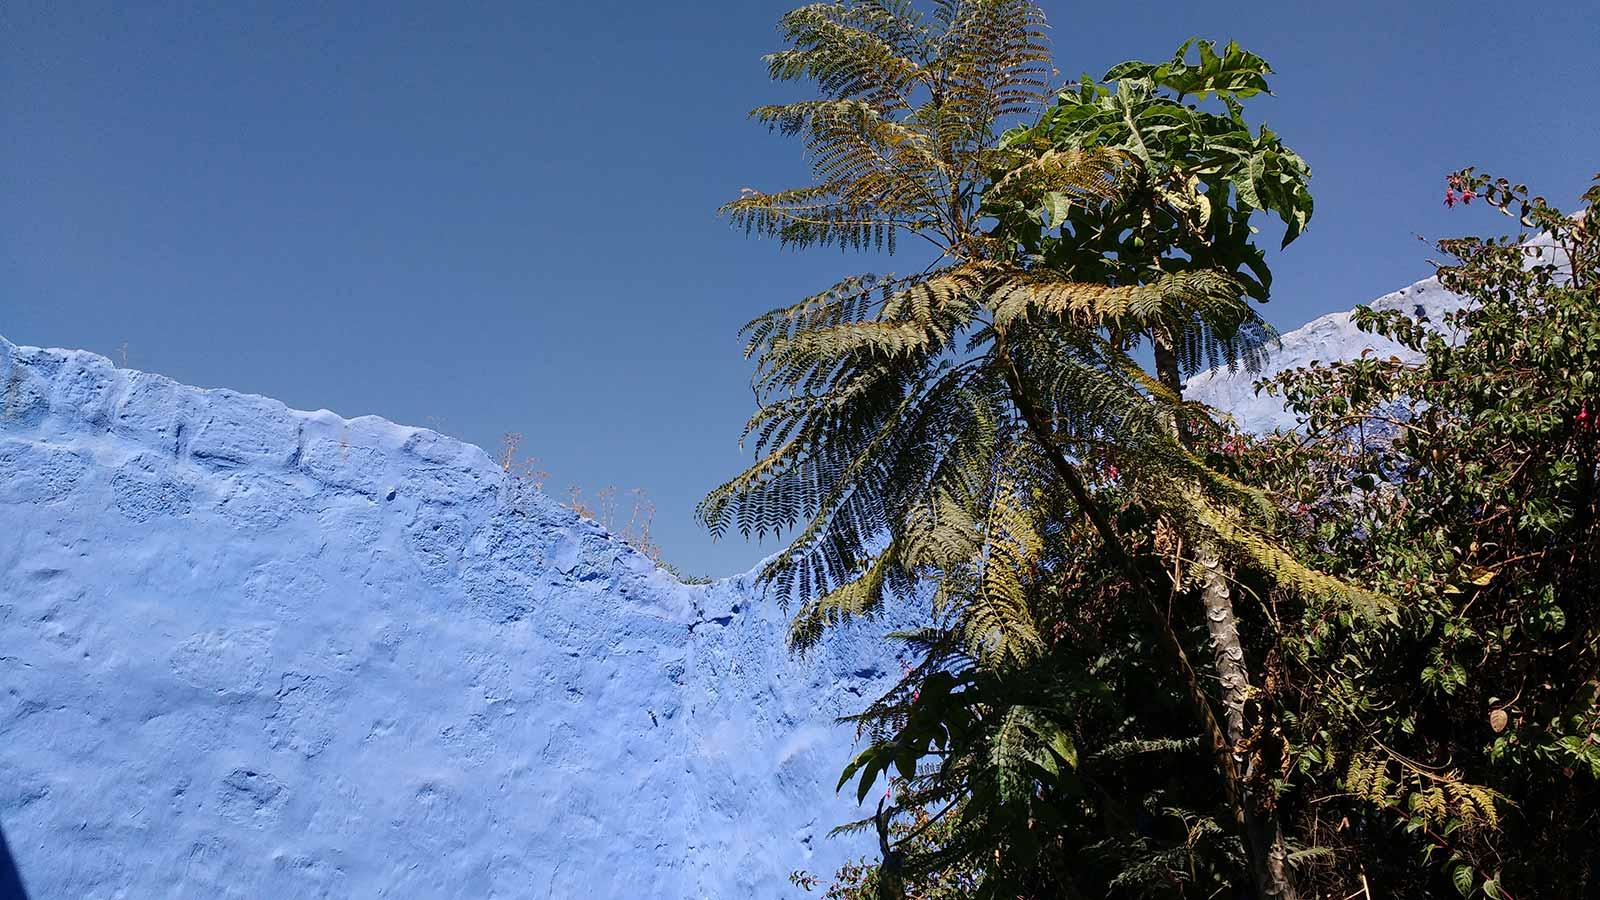 Autor Jaume Vilagines - Arequipa desde el Monasterio de Santa Catalina